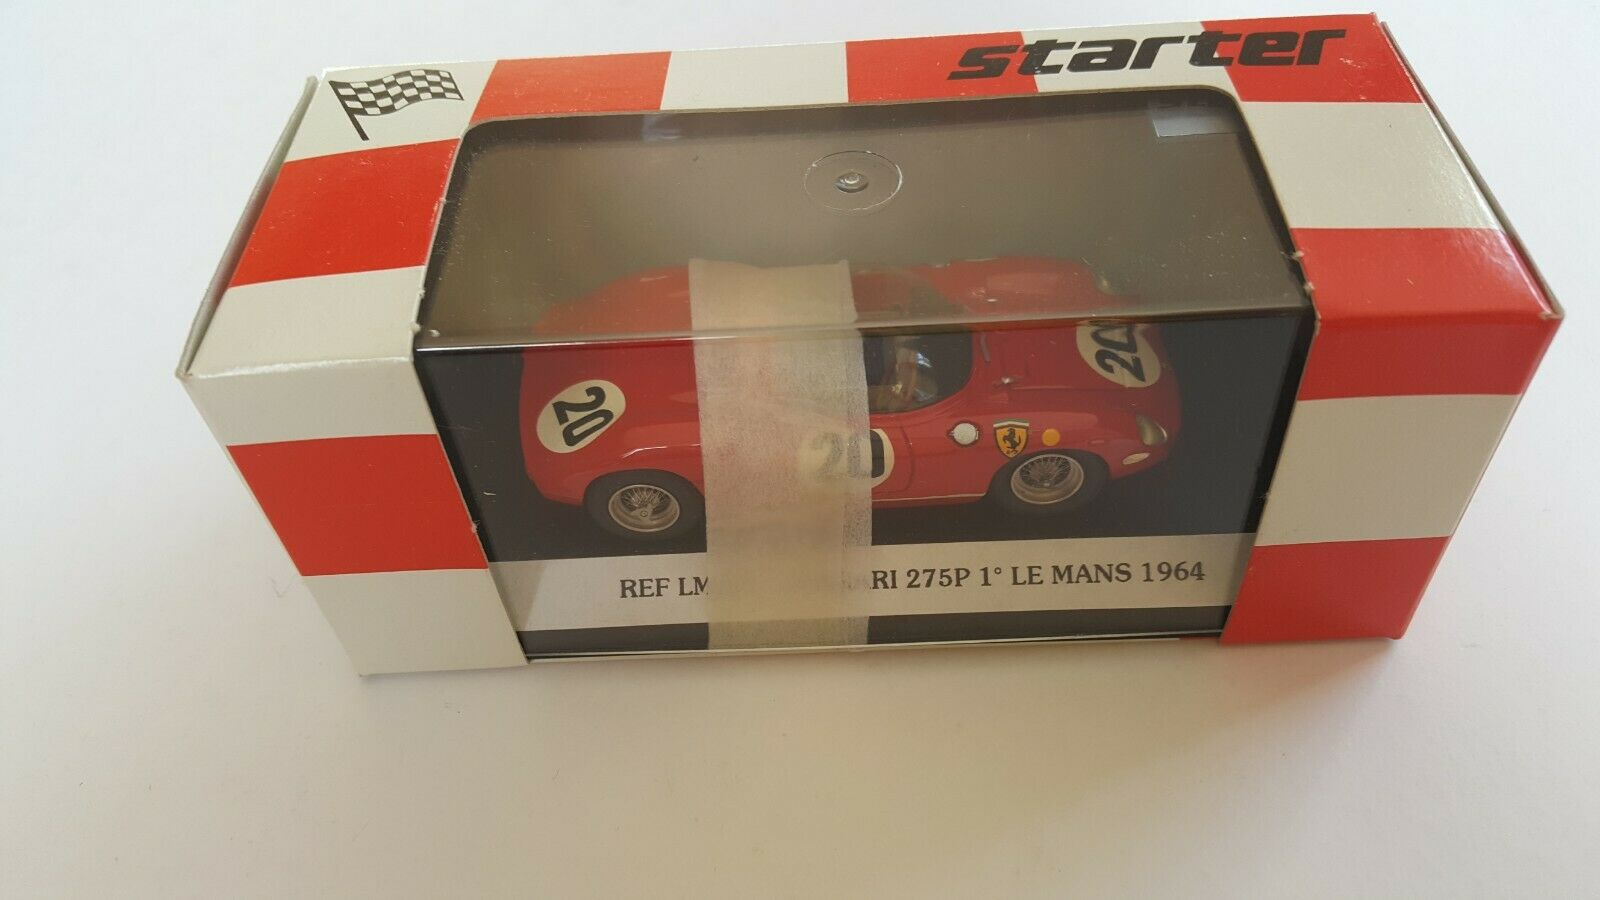 Motor De Arranque-Ferrari 275P 1 Le Mans 1 43  20   1964 LM 011-en Caja-Como Nuevo